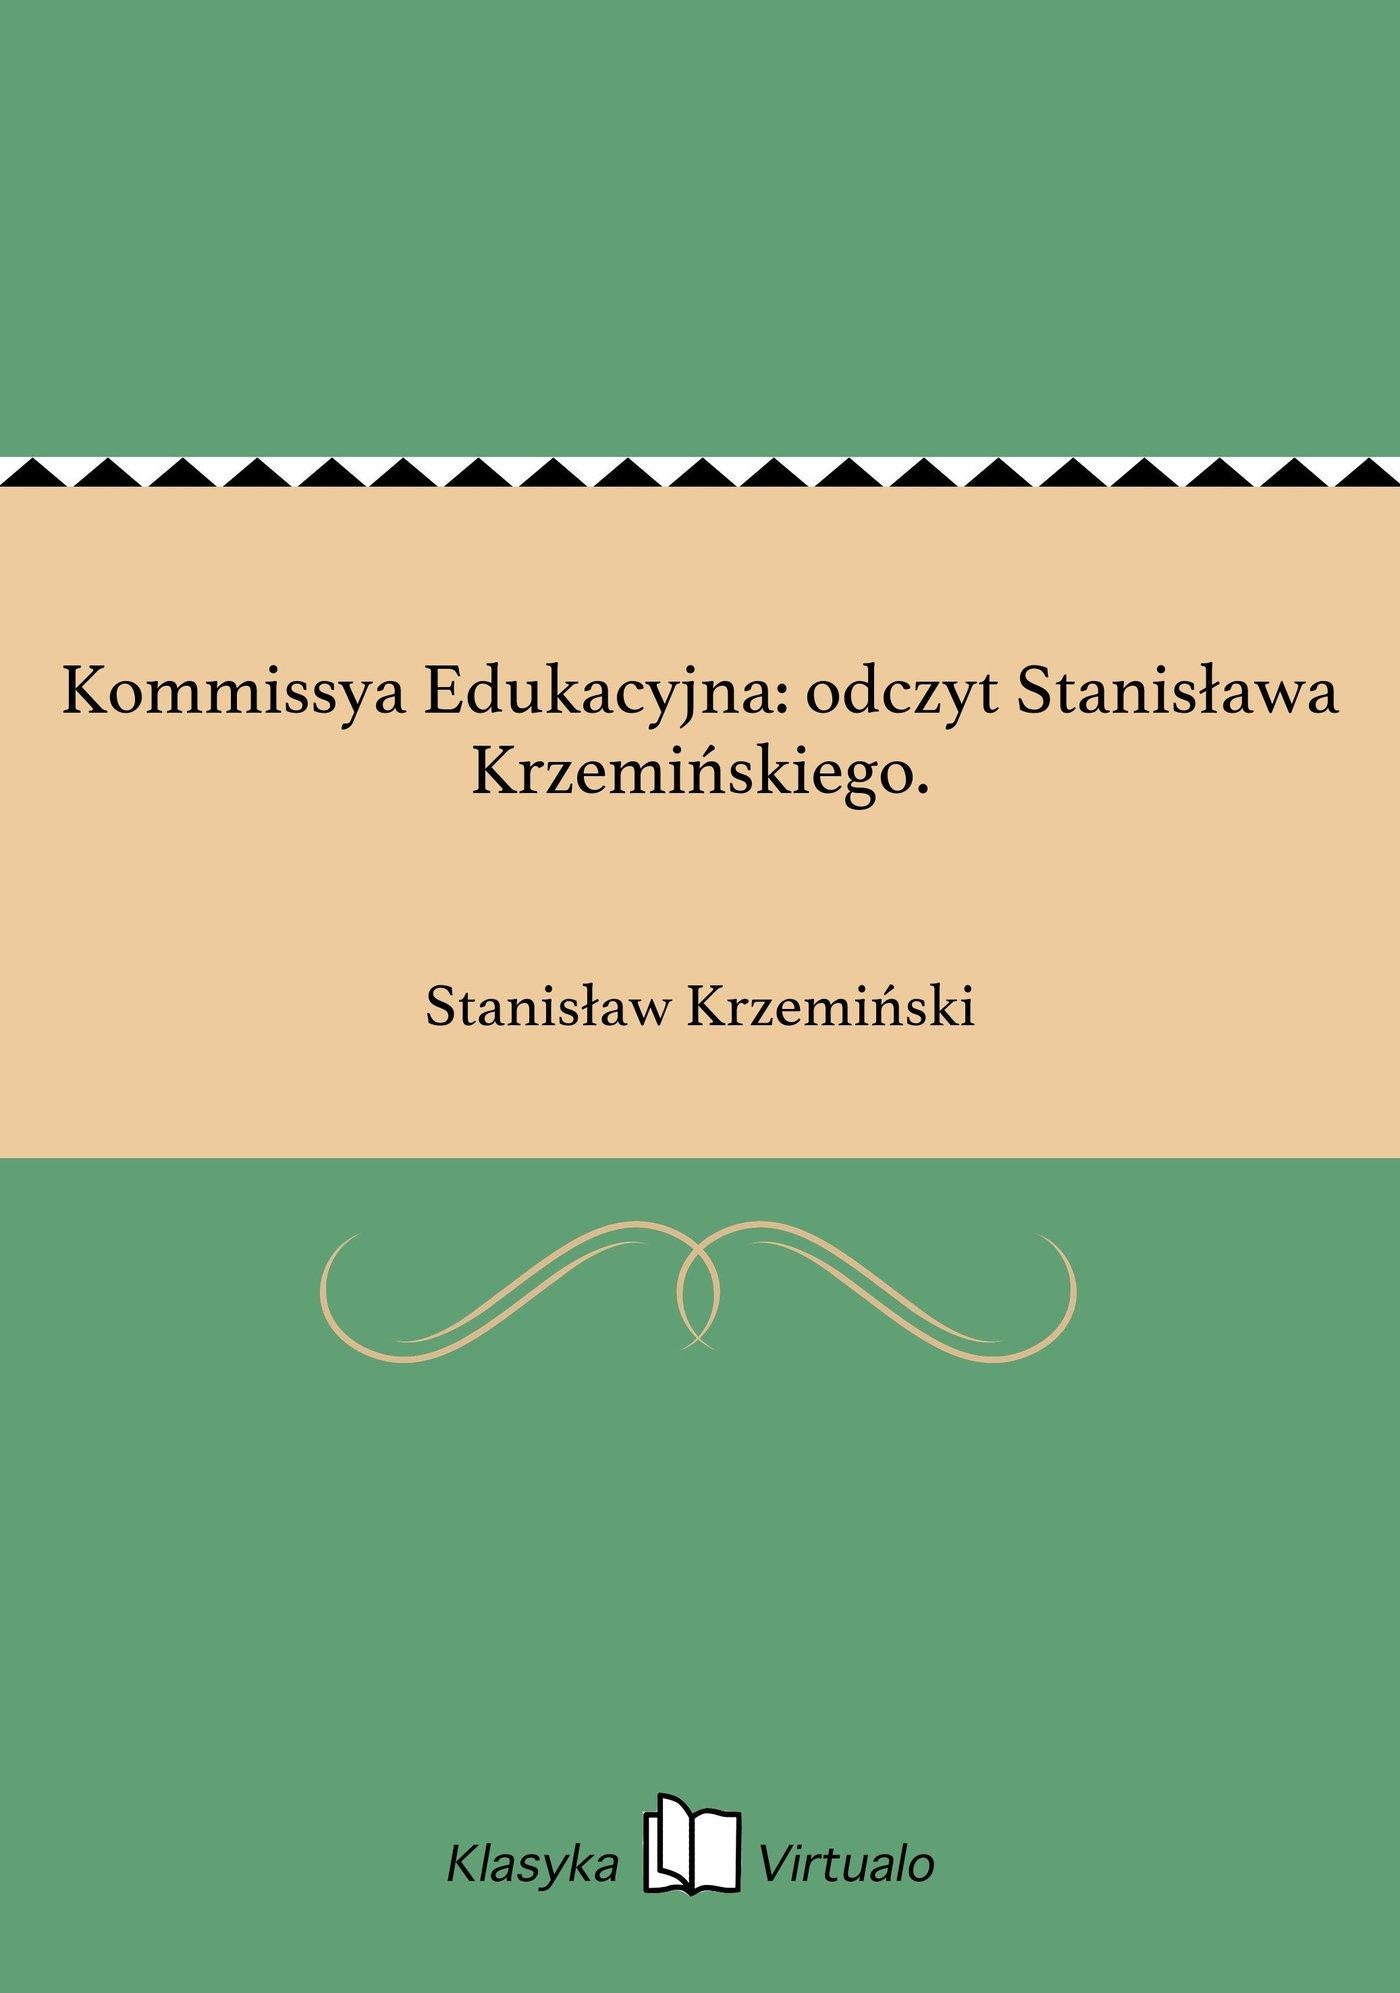 Kommissya Edukacyjna: odczyt Stanisława Krzemińskiego. - Ebook (Książka EPUB) do pobrania w formacie EPUB